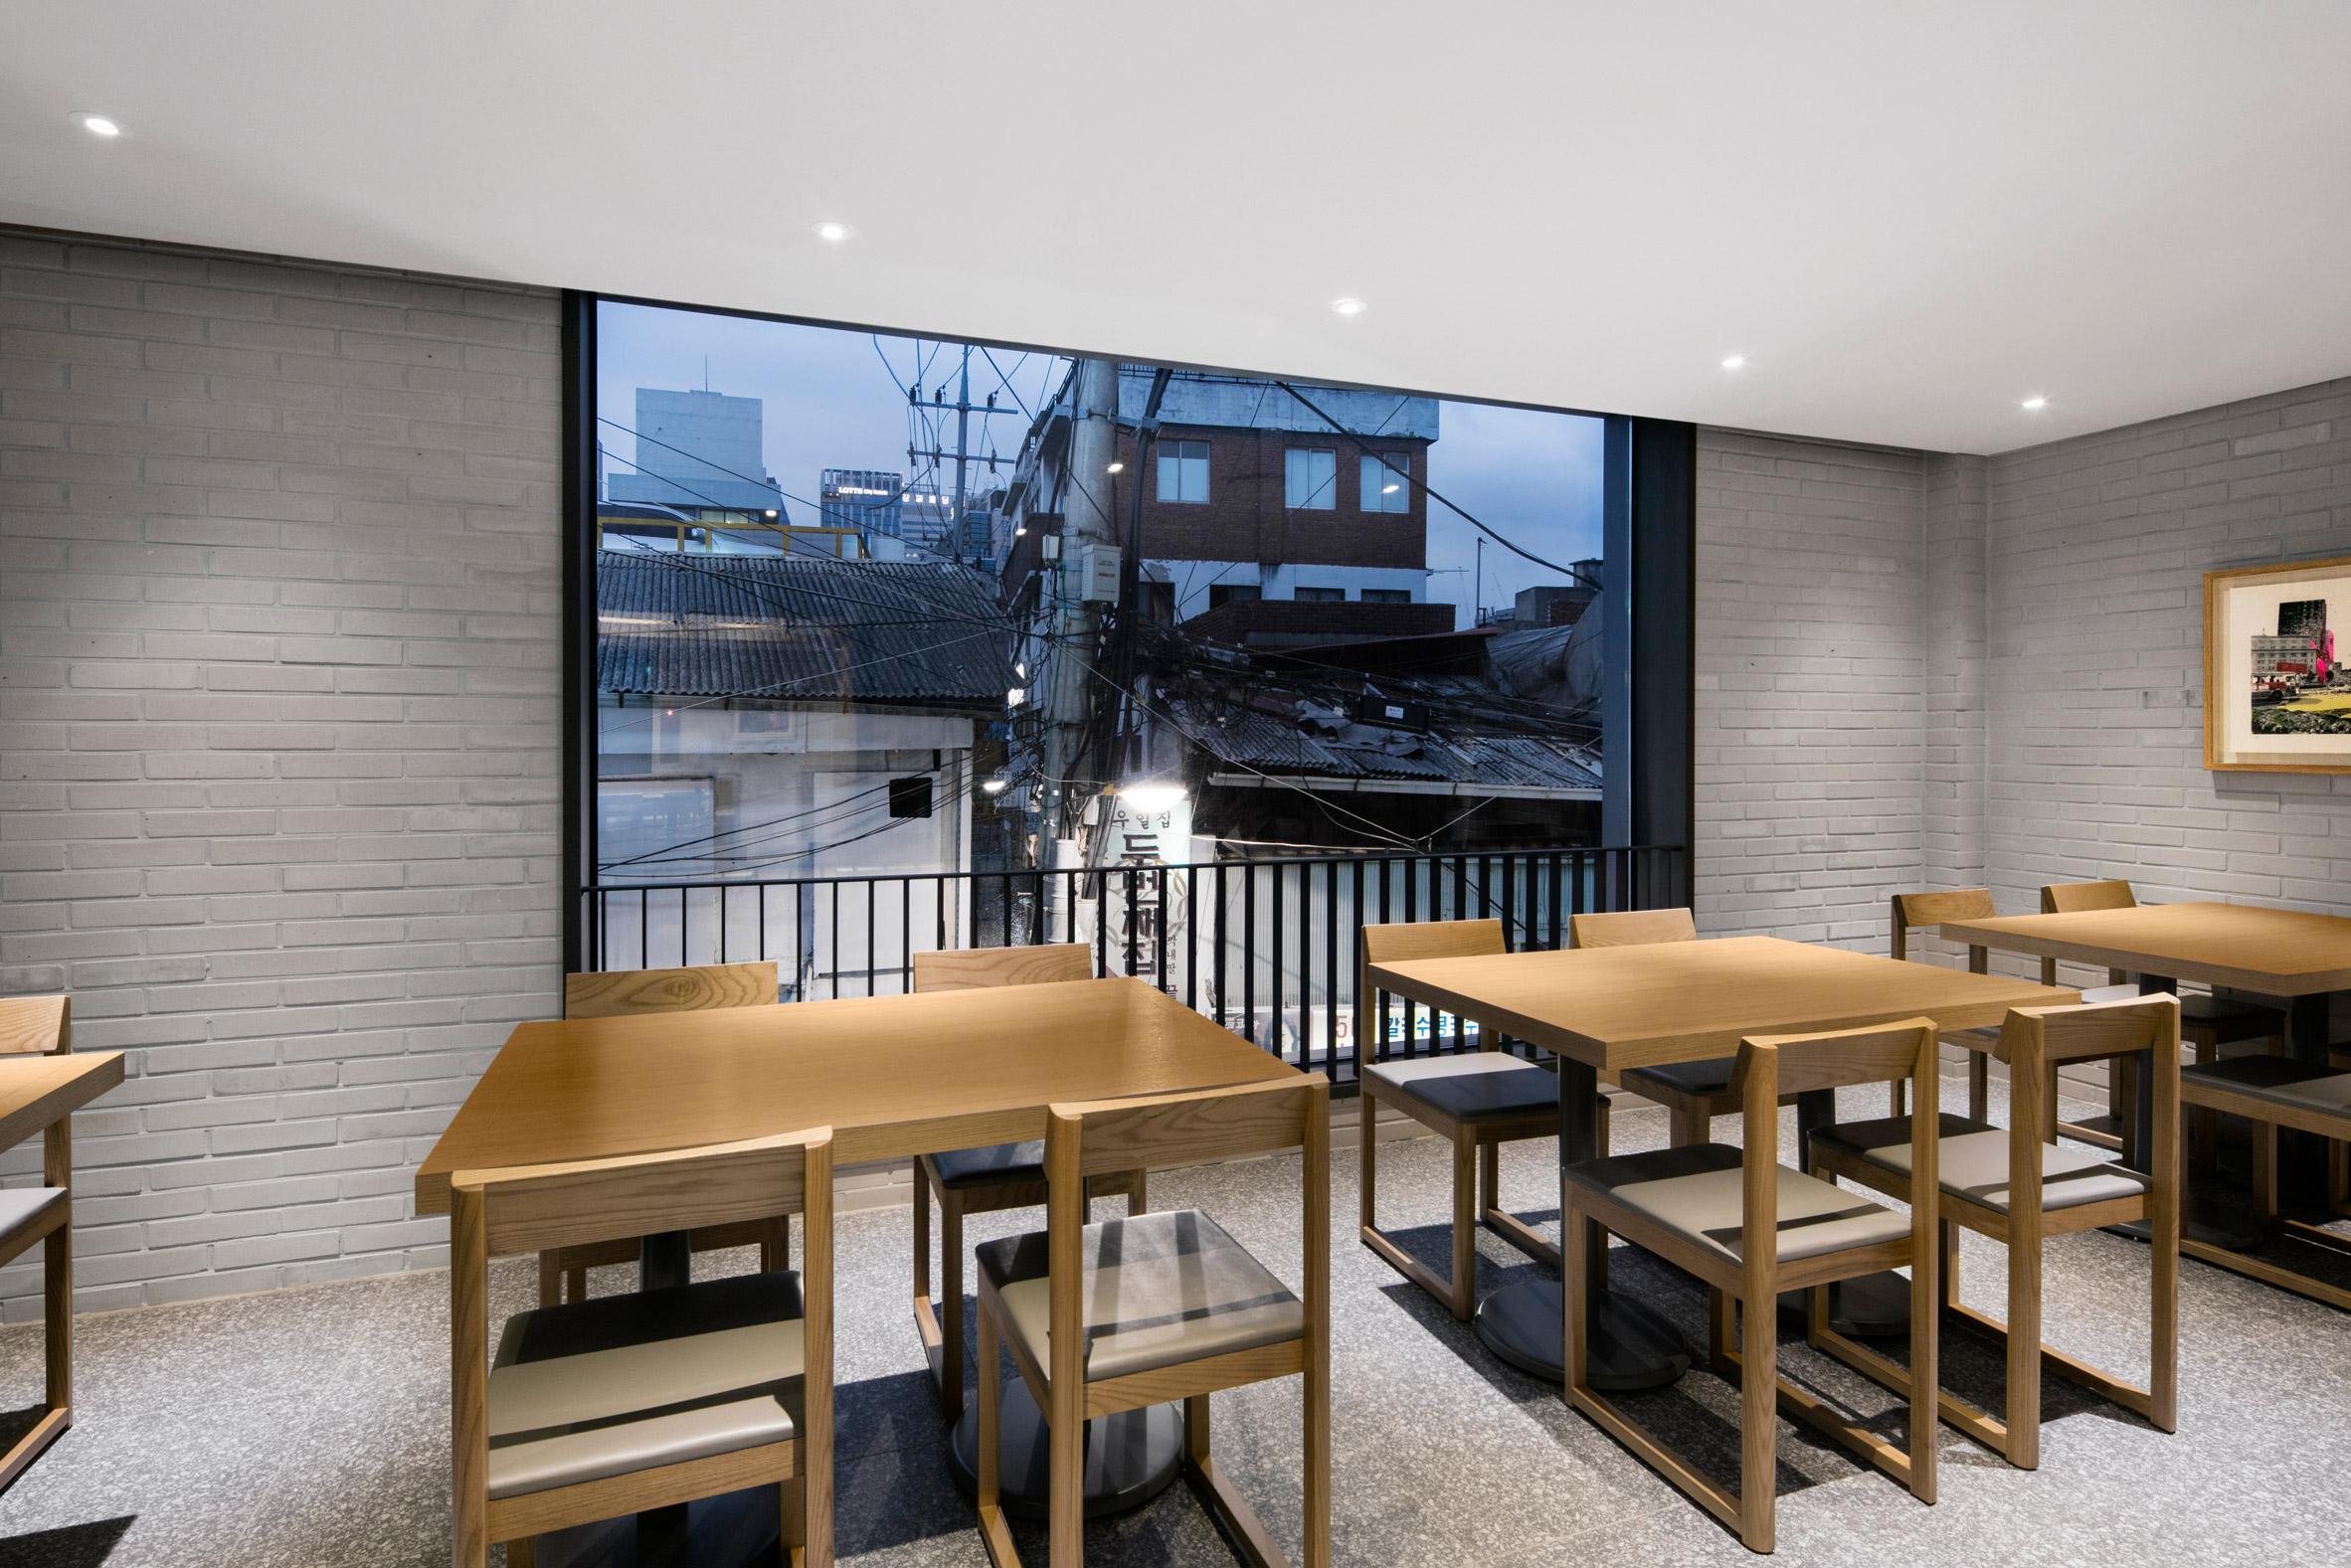 Thiết kế nội thất nhà hàng hàn quốc 16